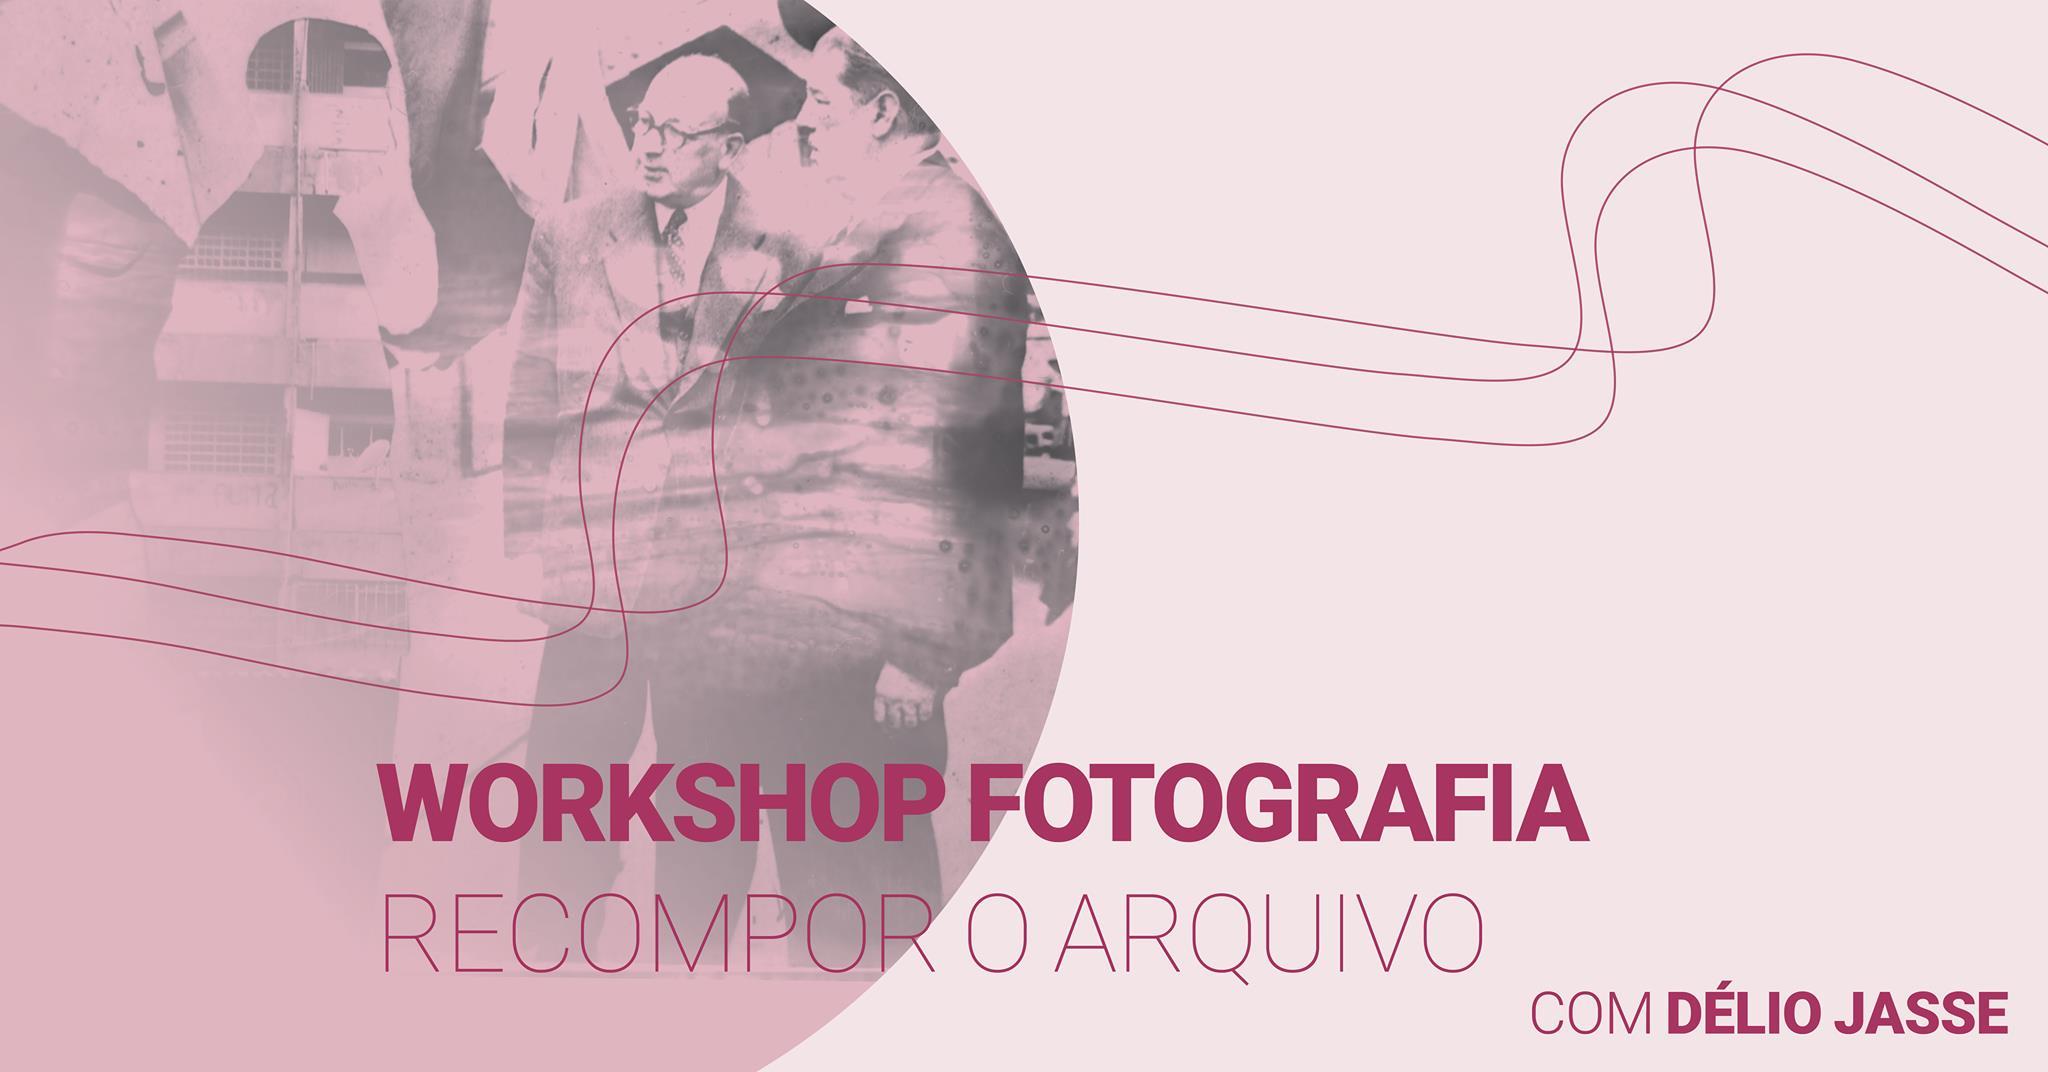 WORKSHOP FOTOGRAFIA - Recompor o Arquivo OPEN CALL